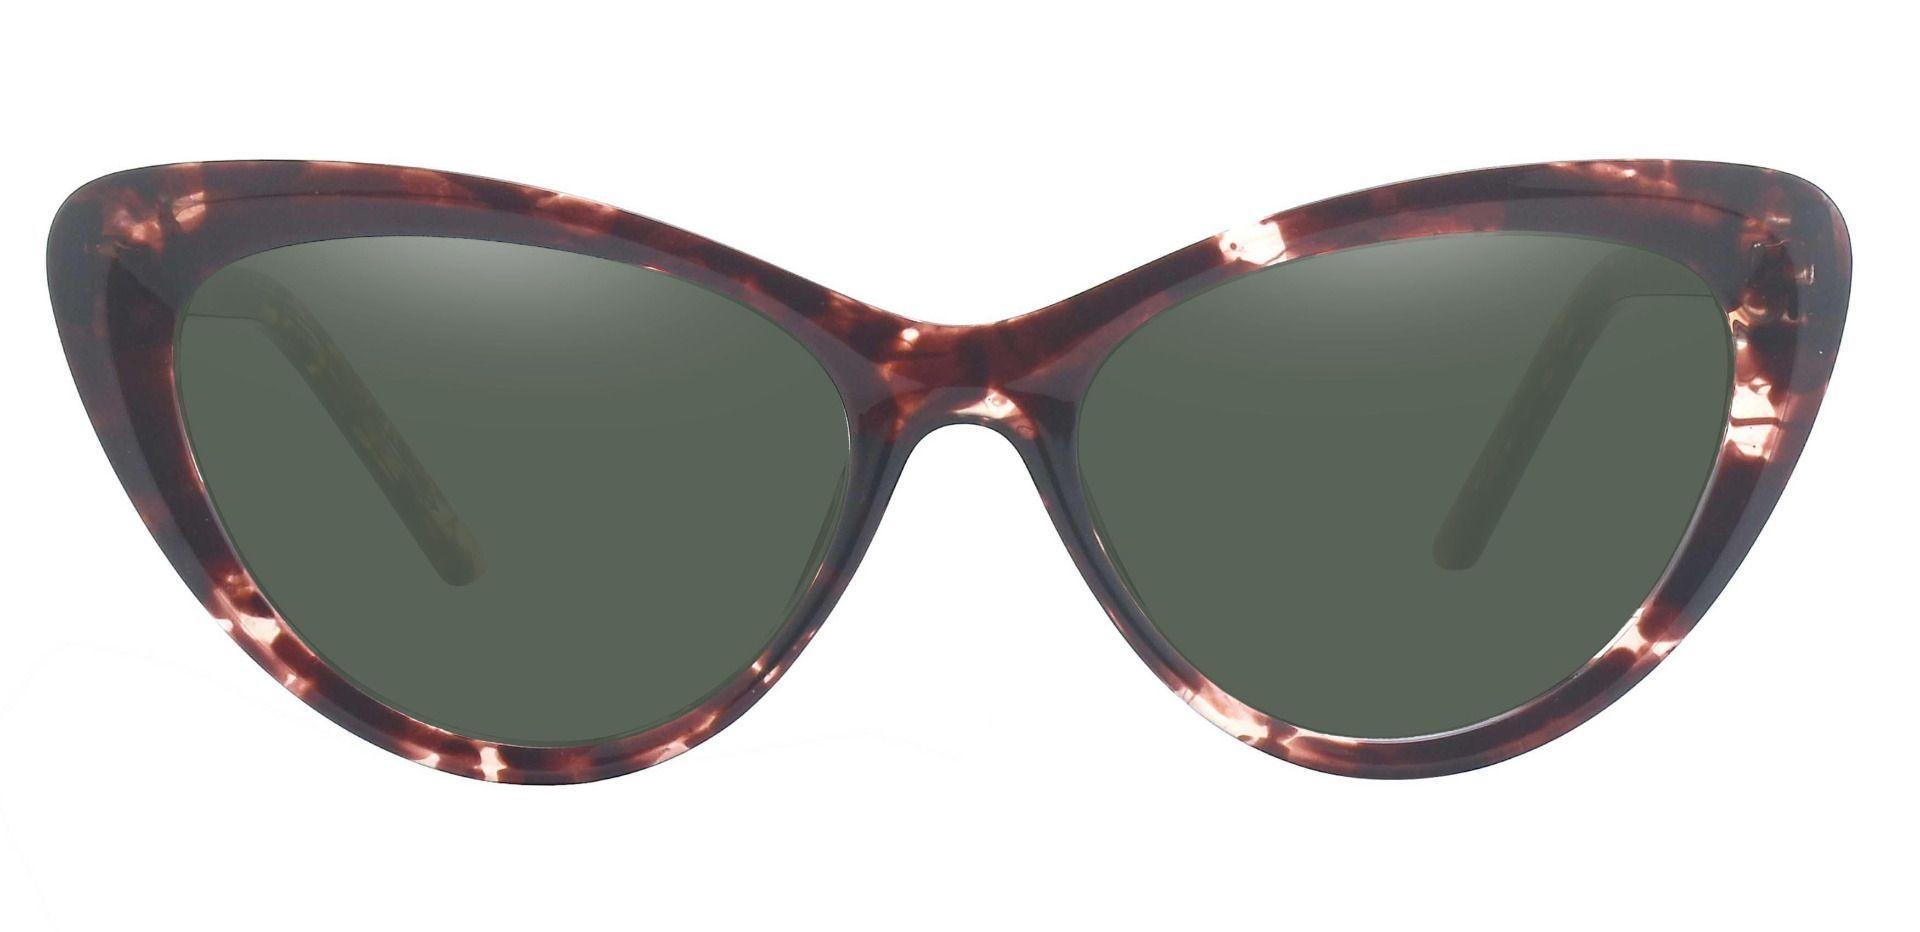 Gemini Cat Eye Progressive Sunglasses - Tortoise Frame With Green Lenses